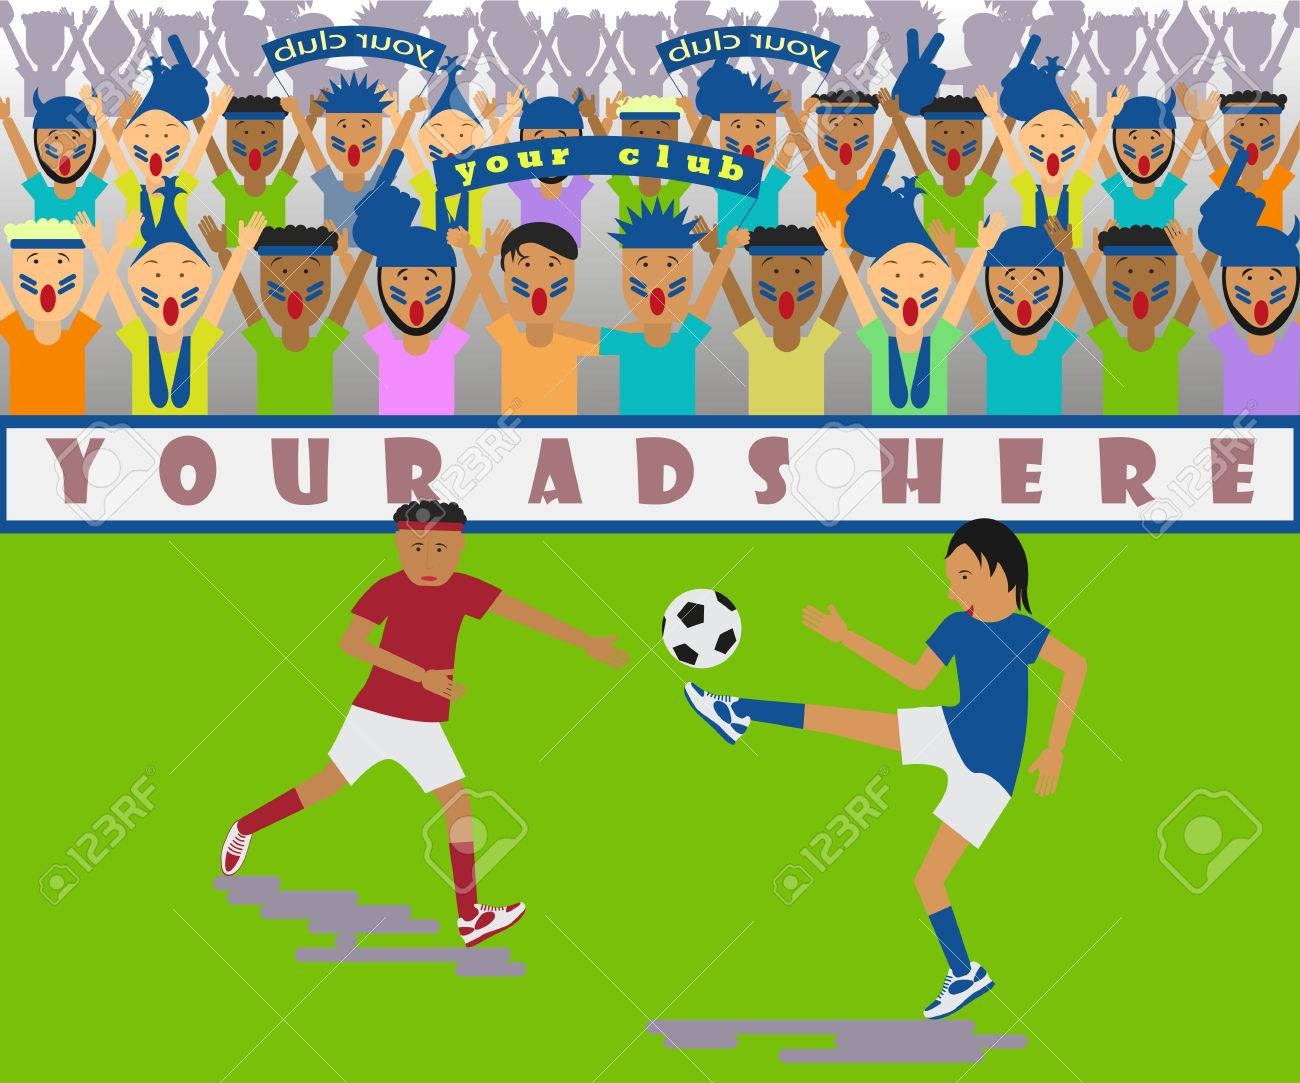 サッカーの試合のイラストのイラスト素材・ベクタ - Image 69017797.